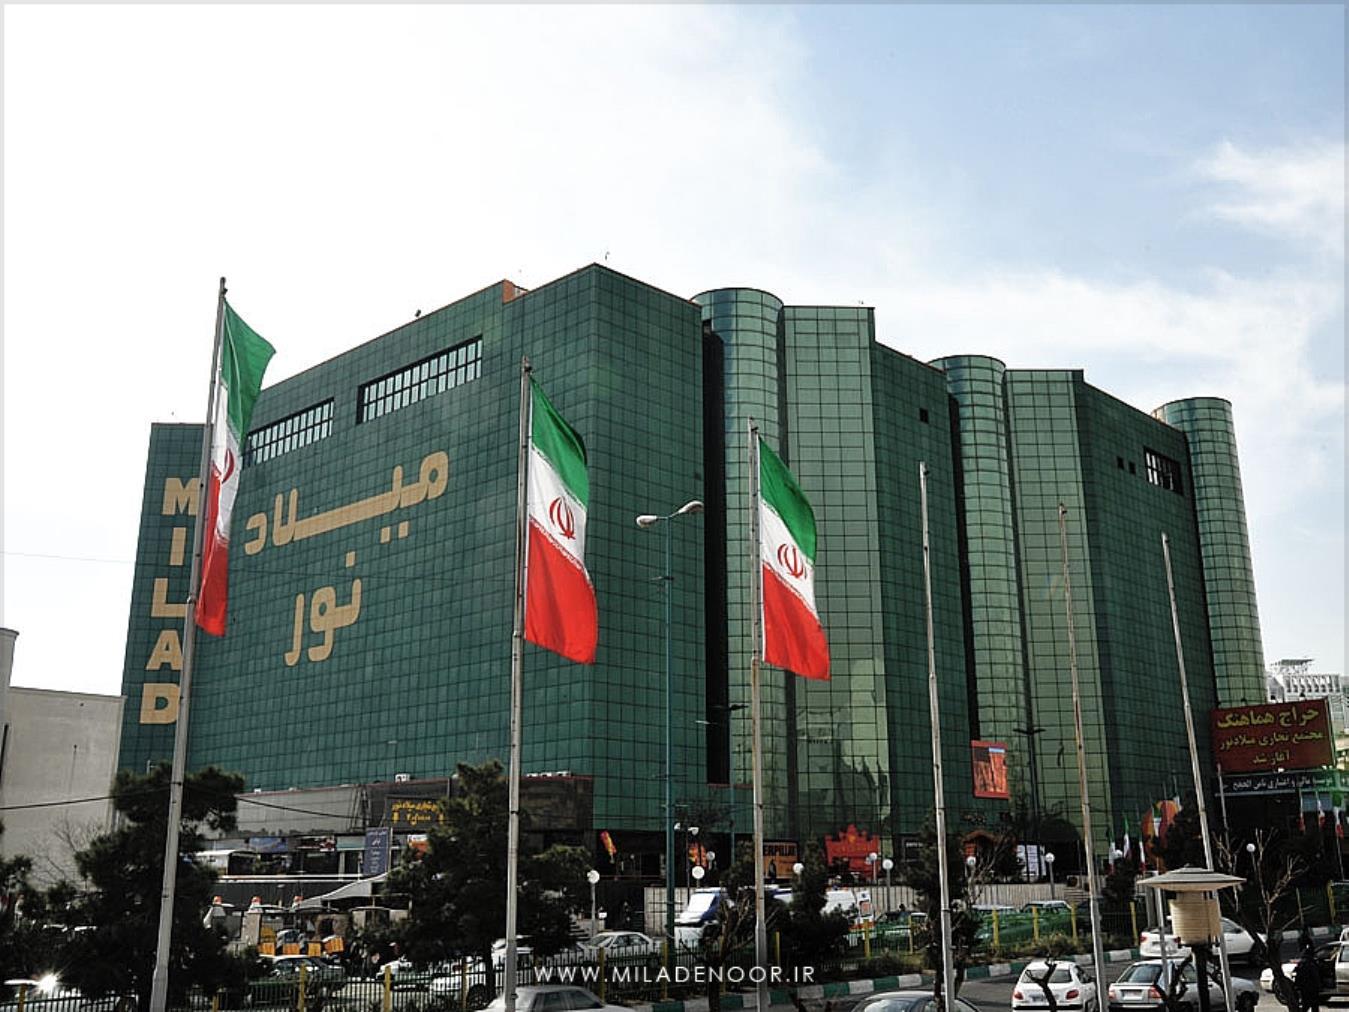 پاورپوینت مجتمع میلاد نور تهران